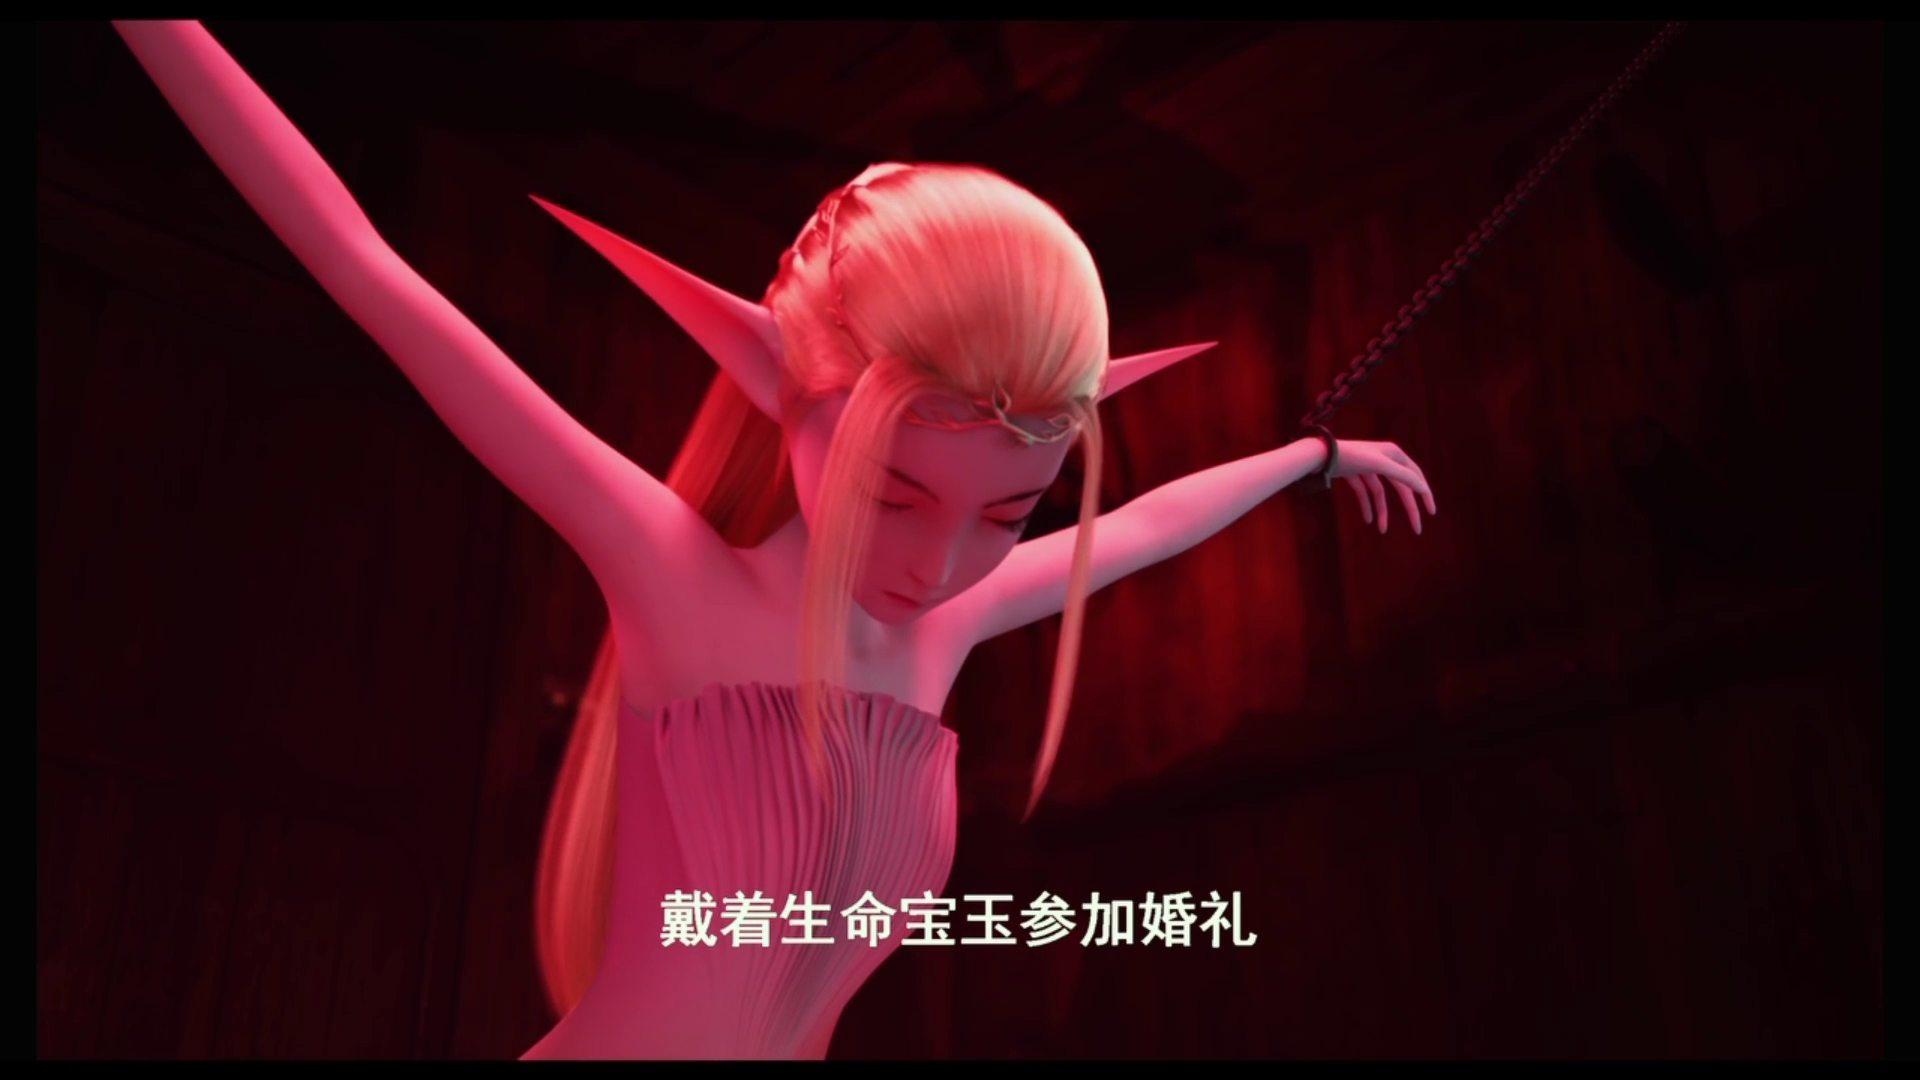 Смотреть онлайн бесплатно кино фильмы сериалы мультфильмы